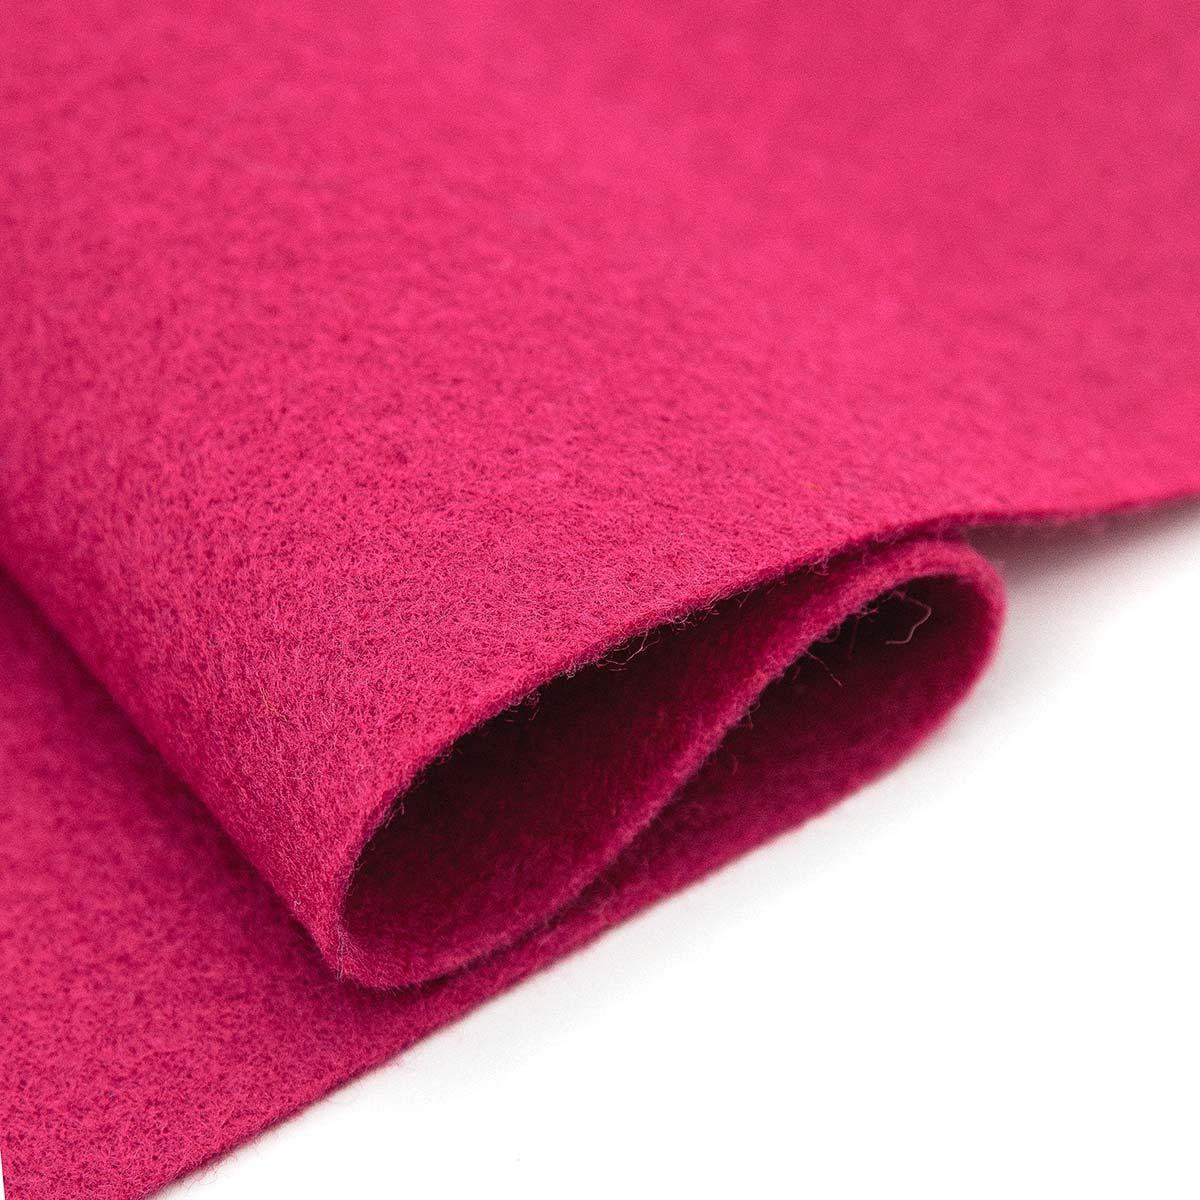 61212651 Фетр для творчества, розовый, 2мм, 20x30см, уп./1шт. Glorex